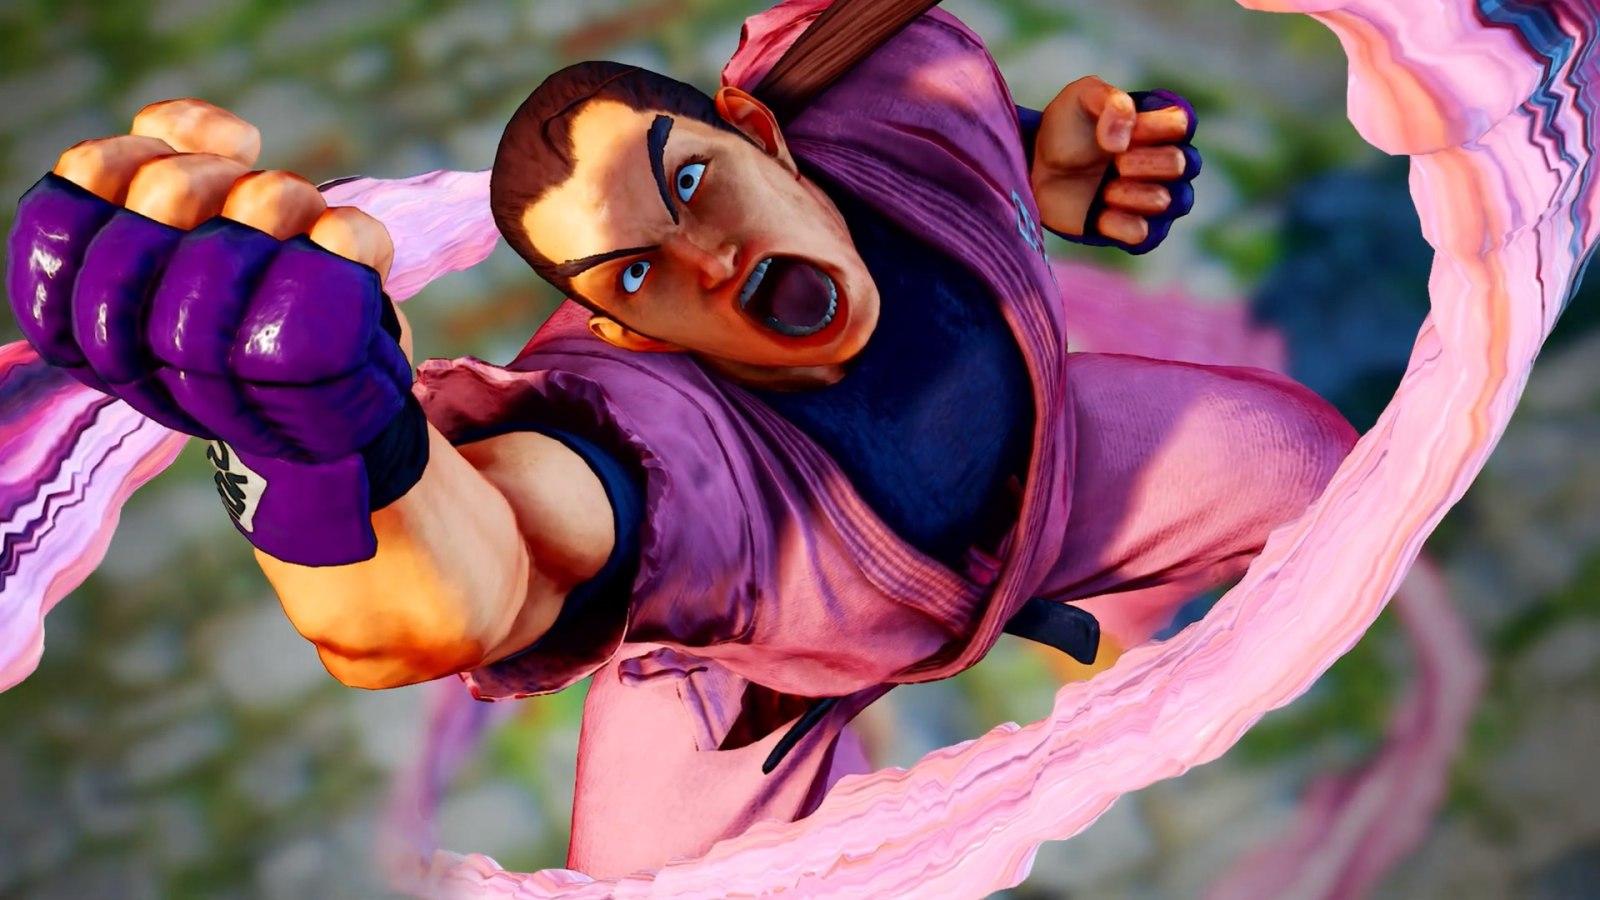 今日解锁!《街霸5 冠军版》DLC角色火引弹预告正式公开